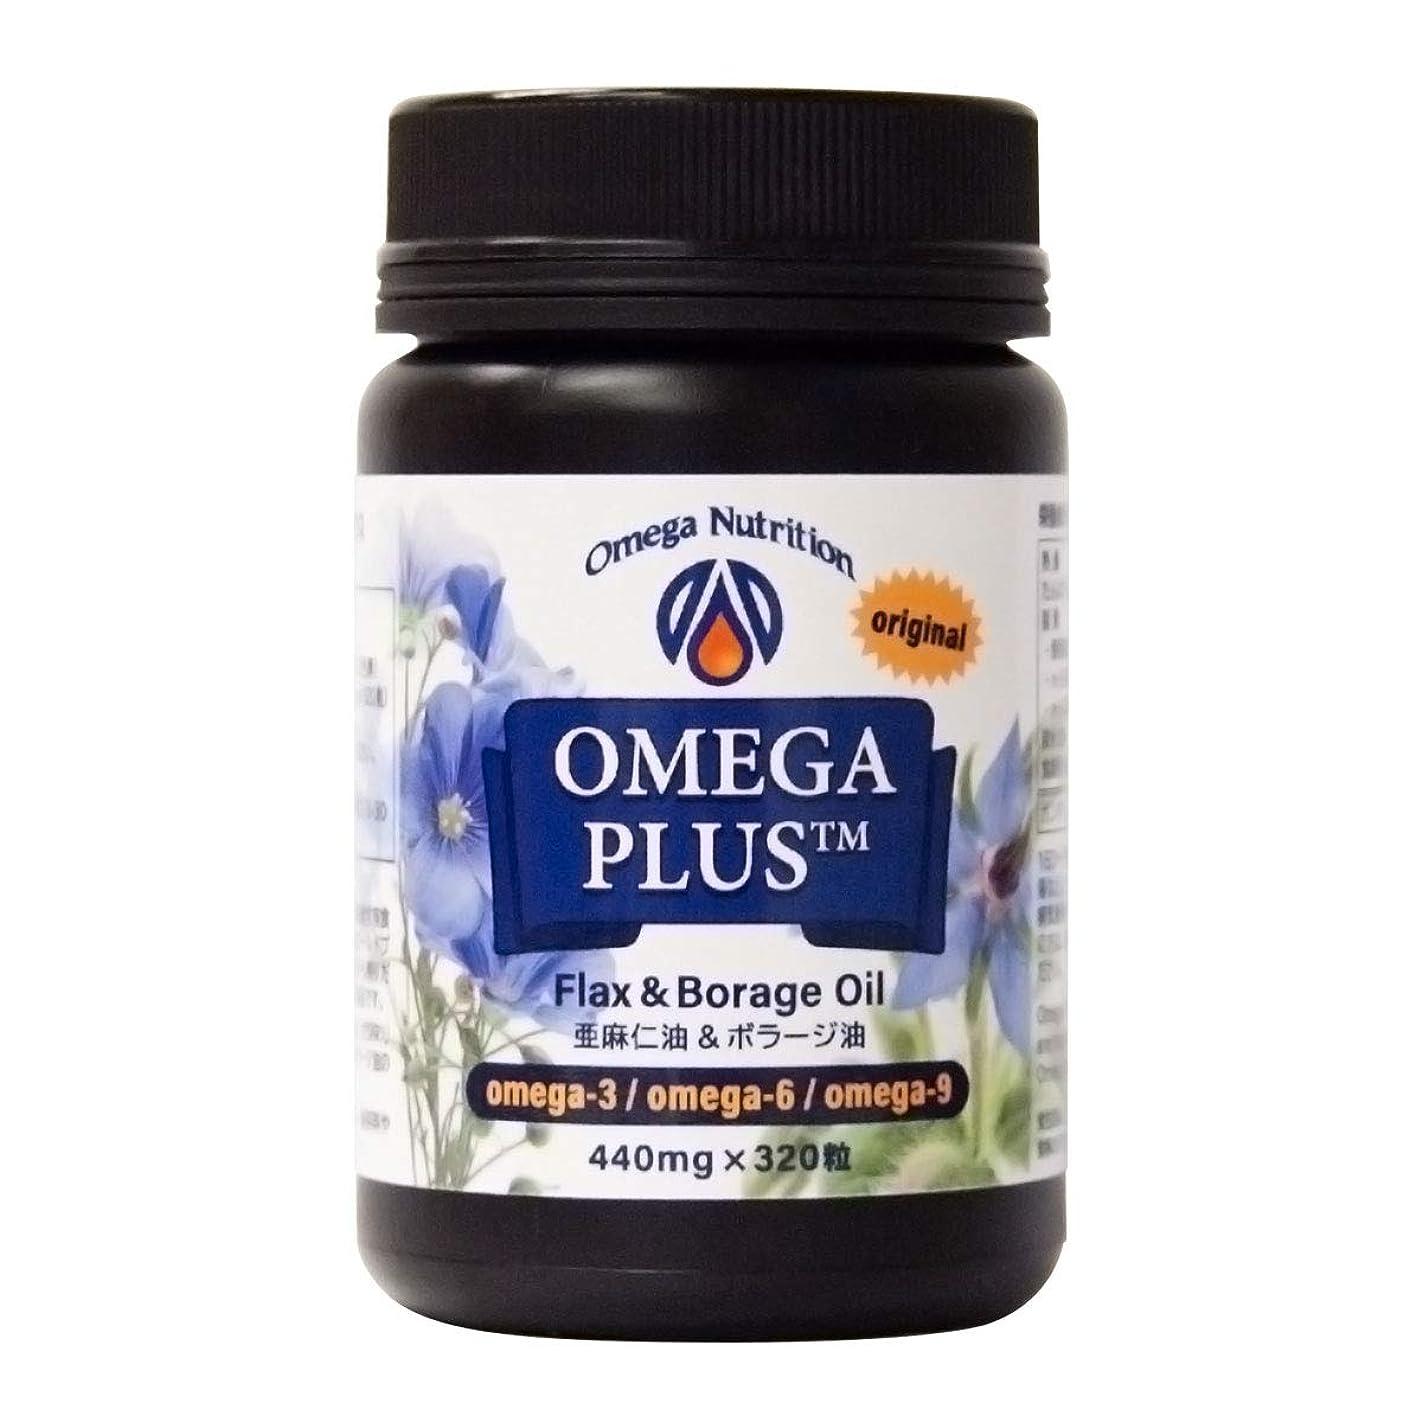 血色の良い厚いクッションオメガ3 & ガンマリノレン酸含有サプリメント オメガプラス440mg カプセル (320粒)